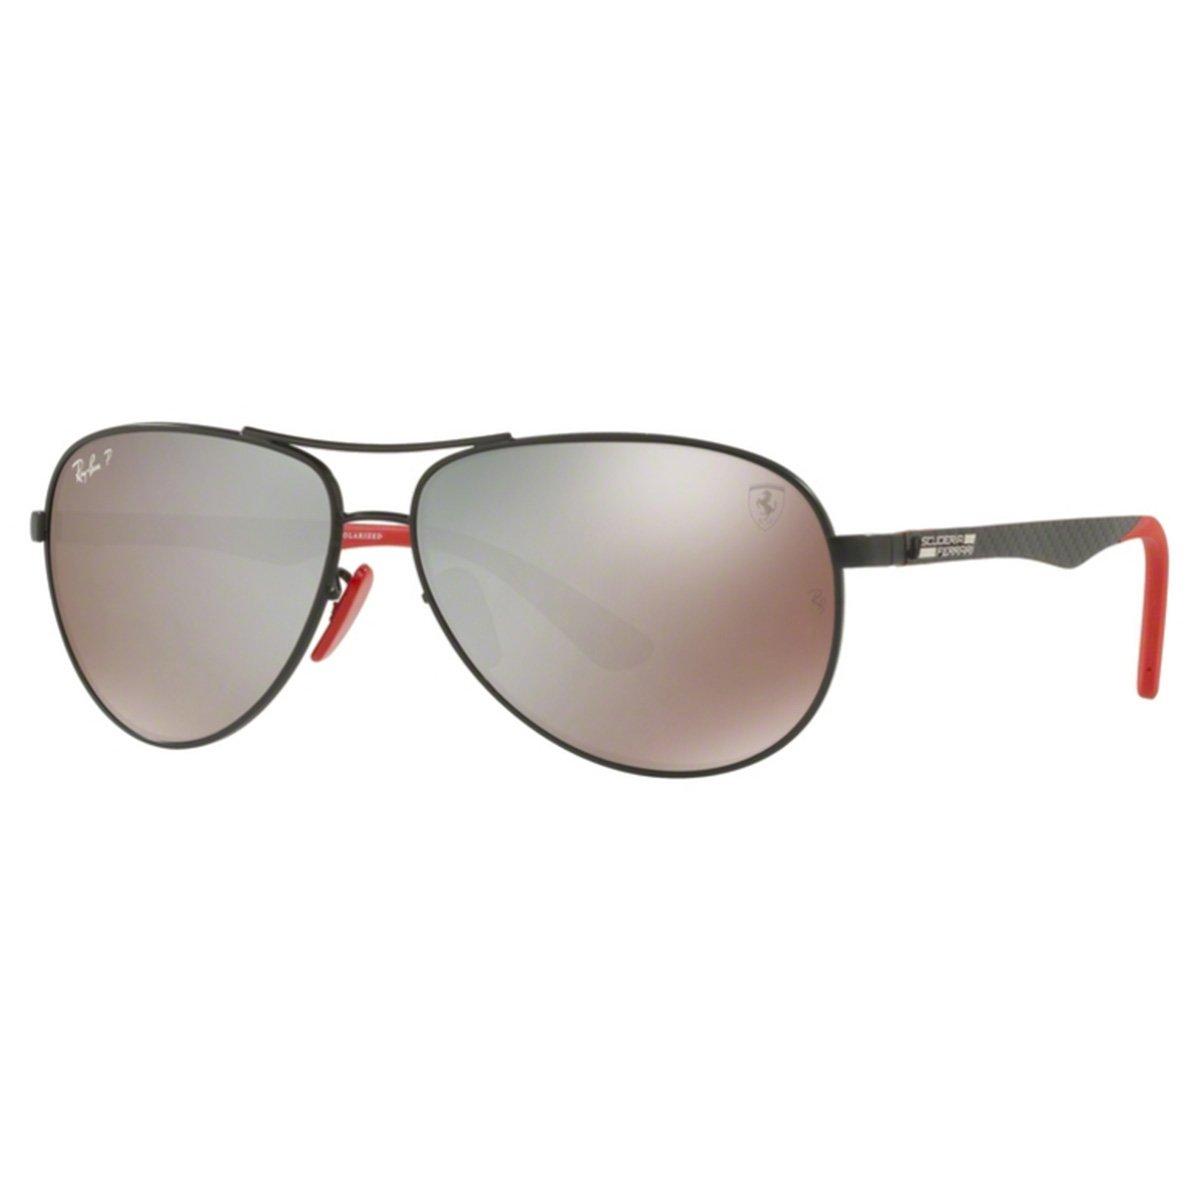 Compre Óculos de Sol Ray Ban Ferrari em 10X   Tri-Jóia Shop 5e0a3a77c8